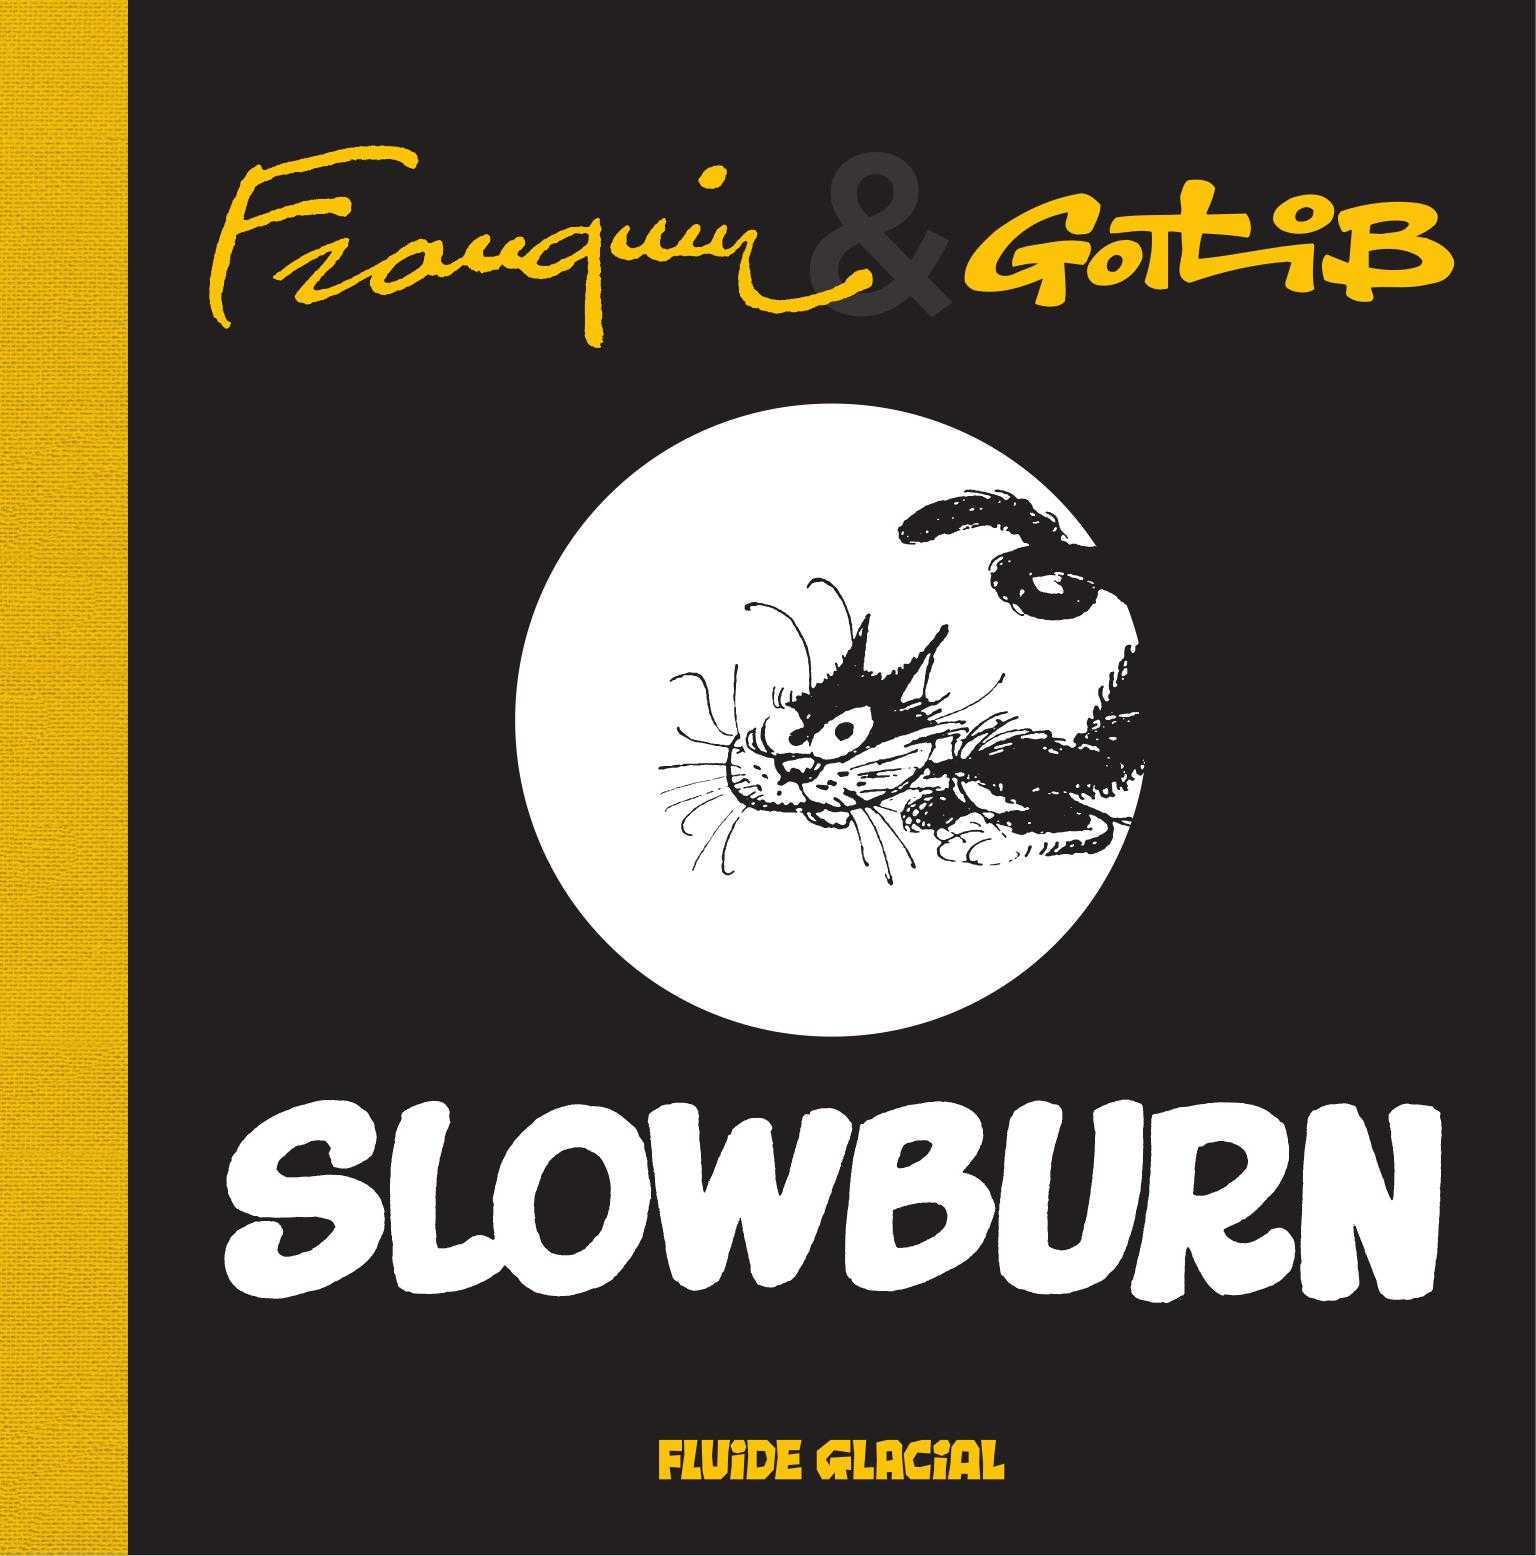 Slowburn, duo de chat à la Franquin-Gotlib